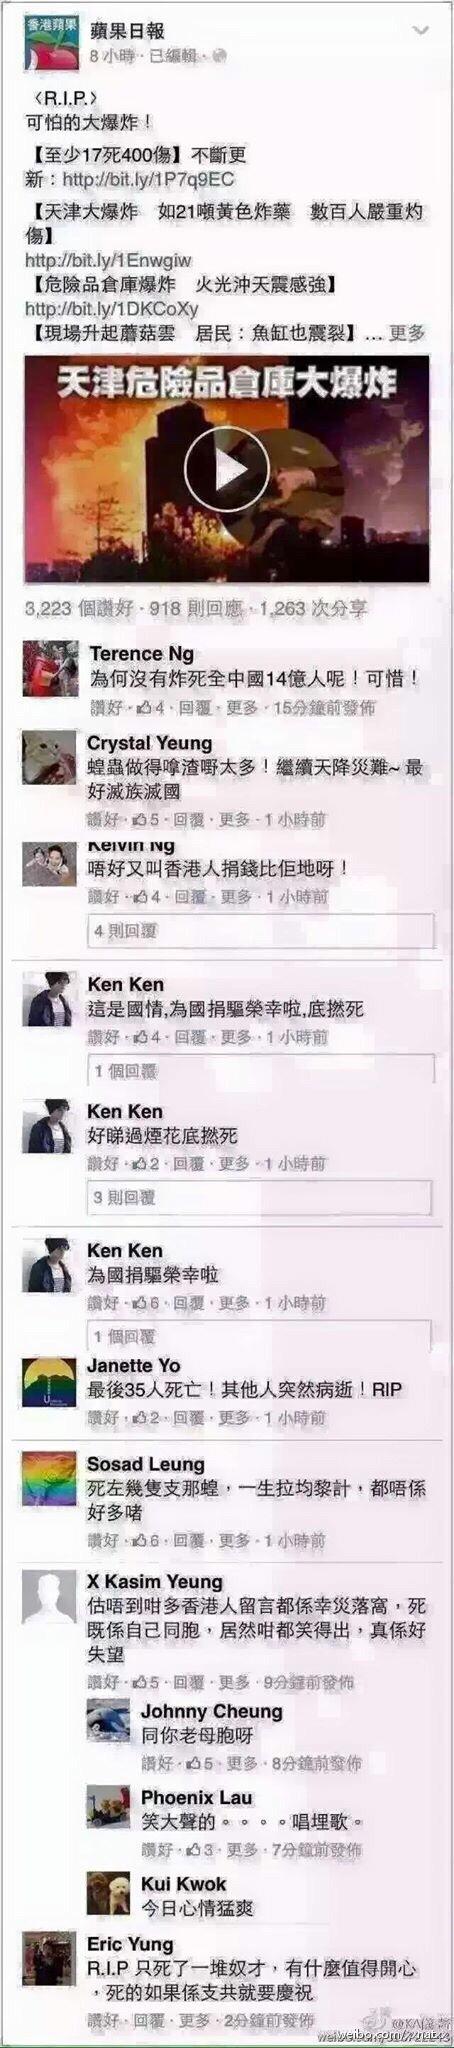 香港人、中国の天津爆発にウッキウキでワロタwwwww